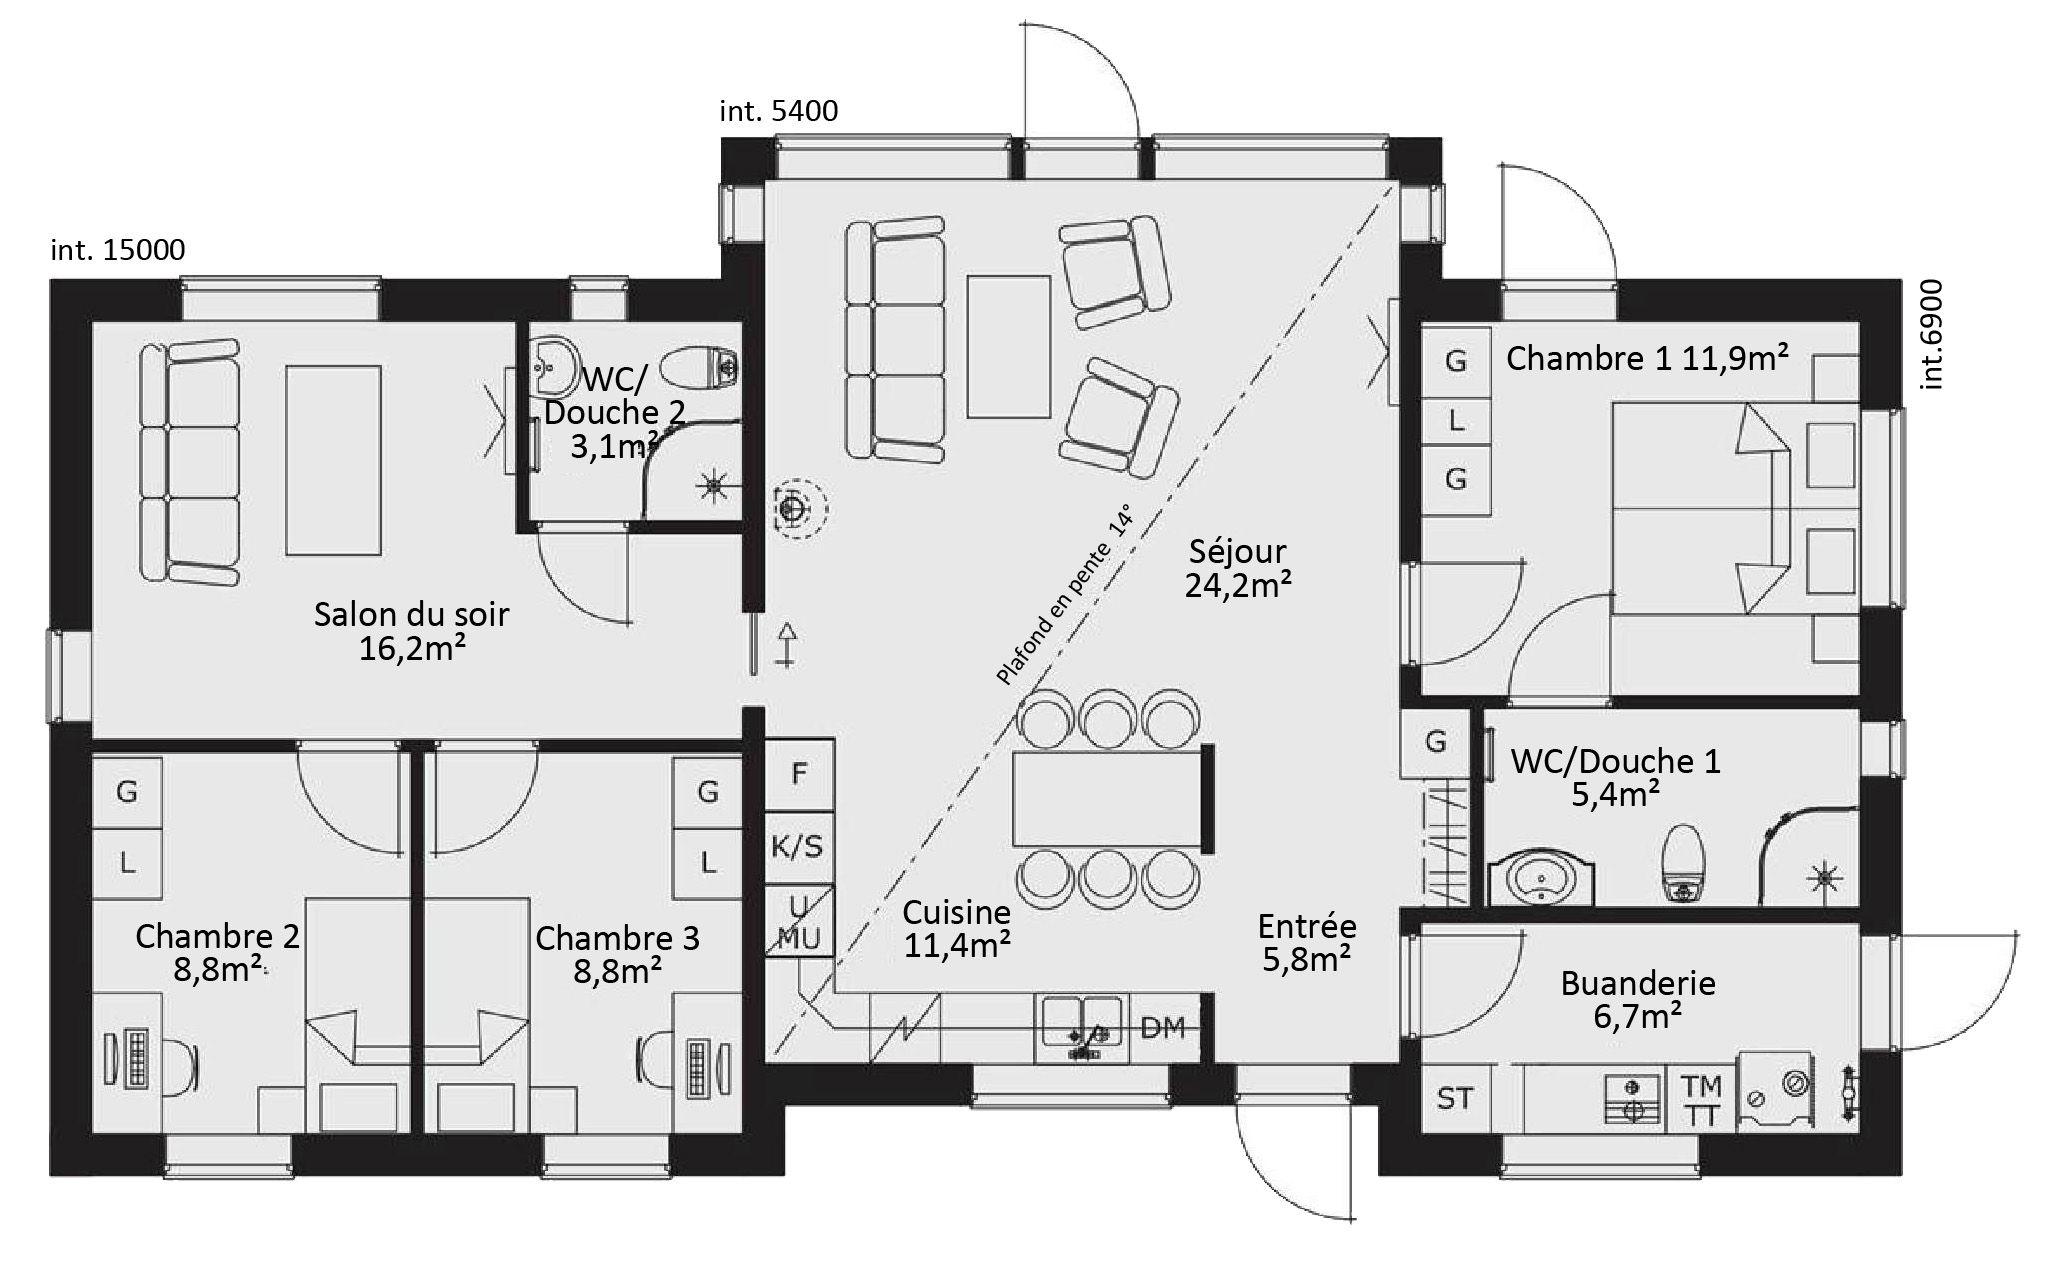 Plan Maison En L Plain Pied Gratuit Plan Maison Plan De Maison Gratuit Plan Maison 120m2